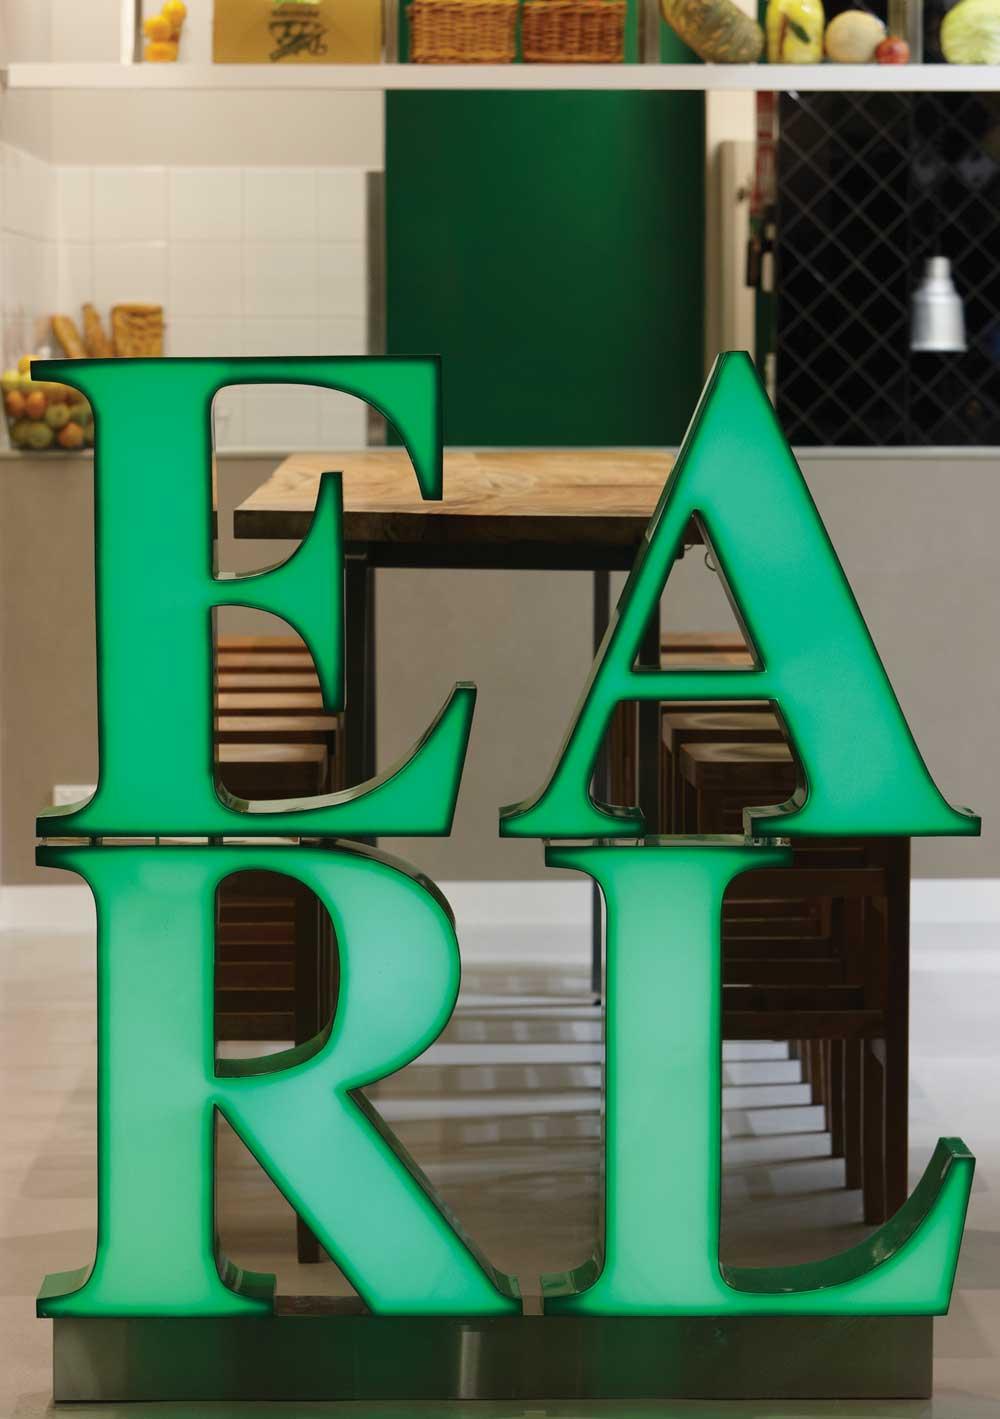 RG Earl 03.jpg